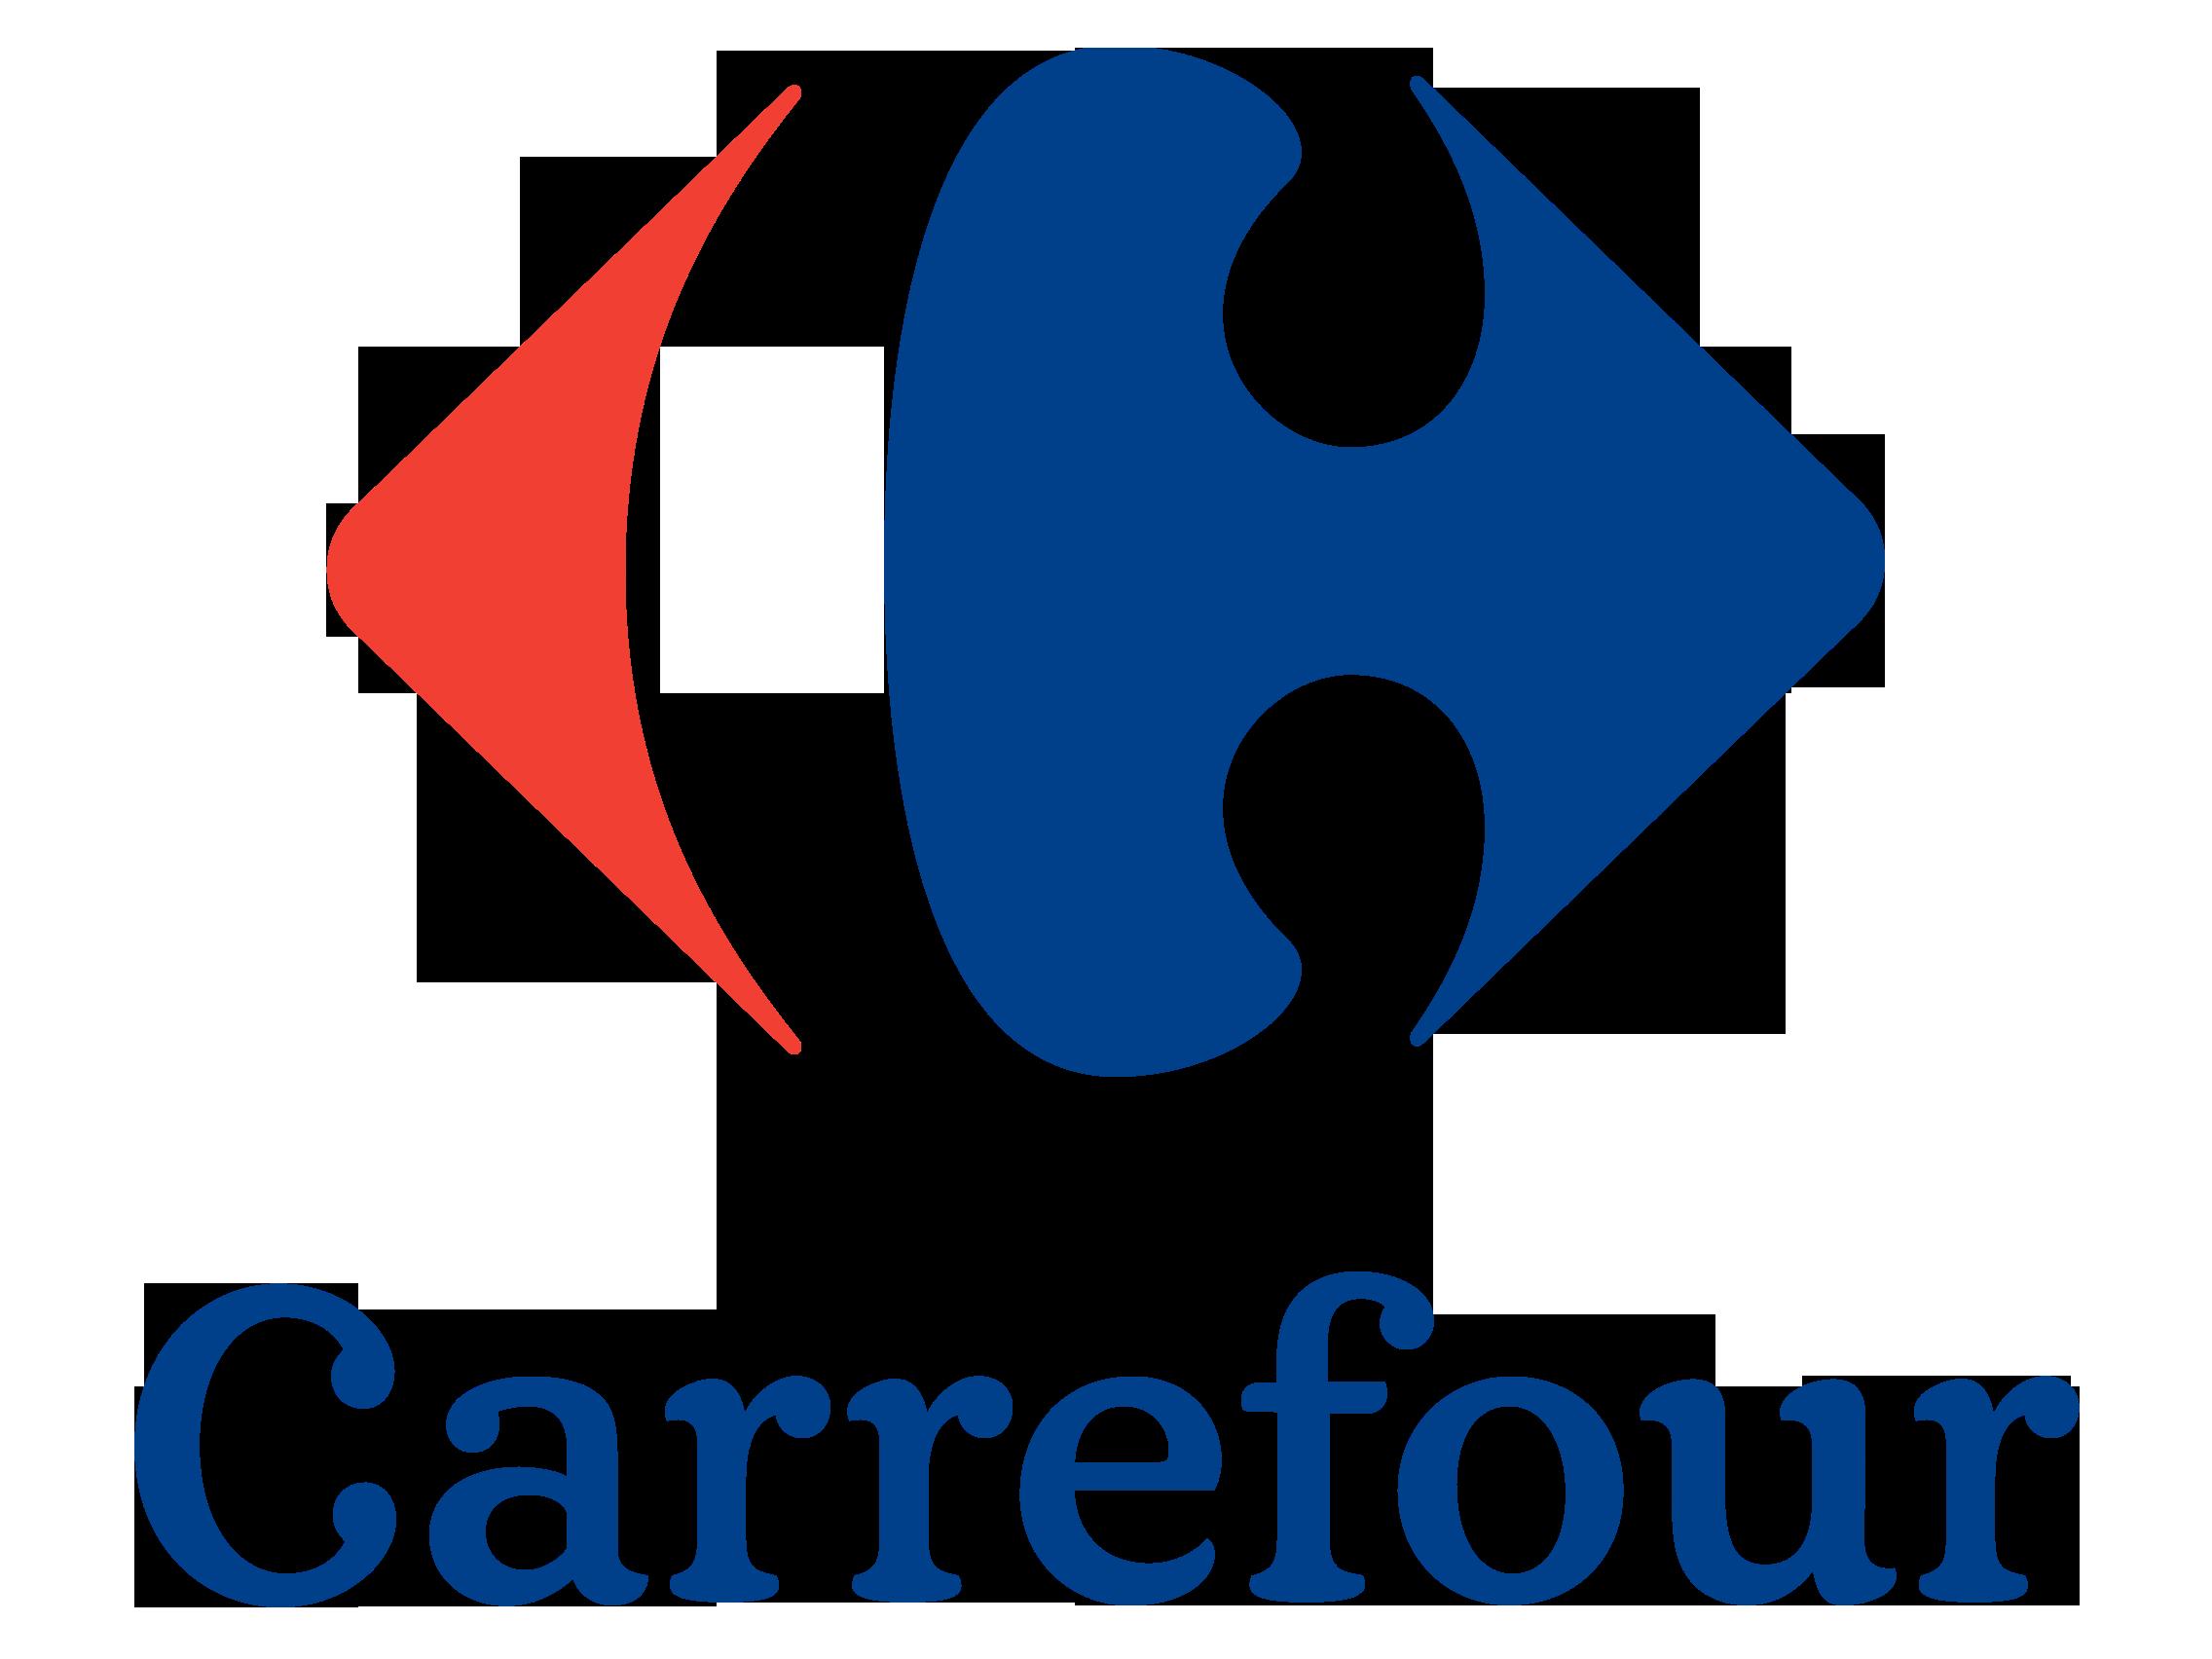 CARREFOUR CARTÕES